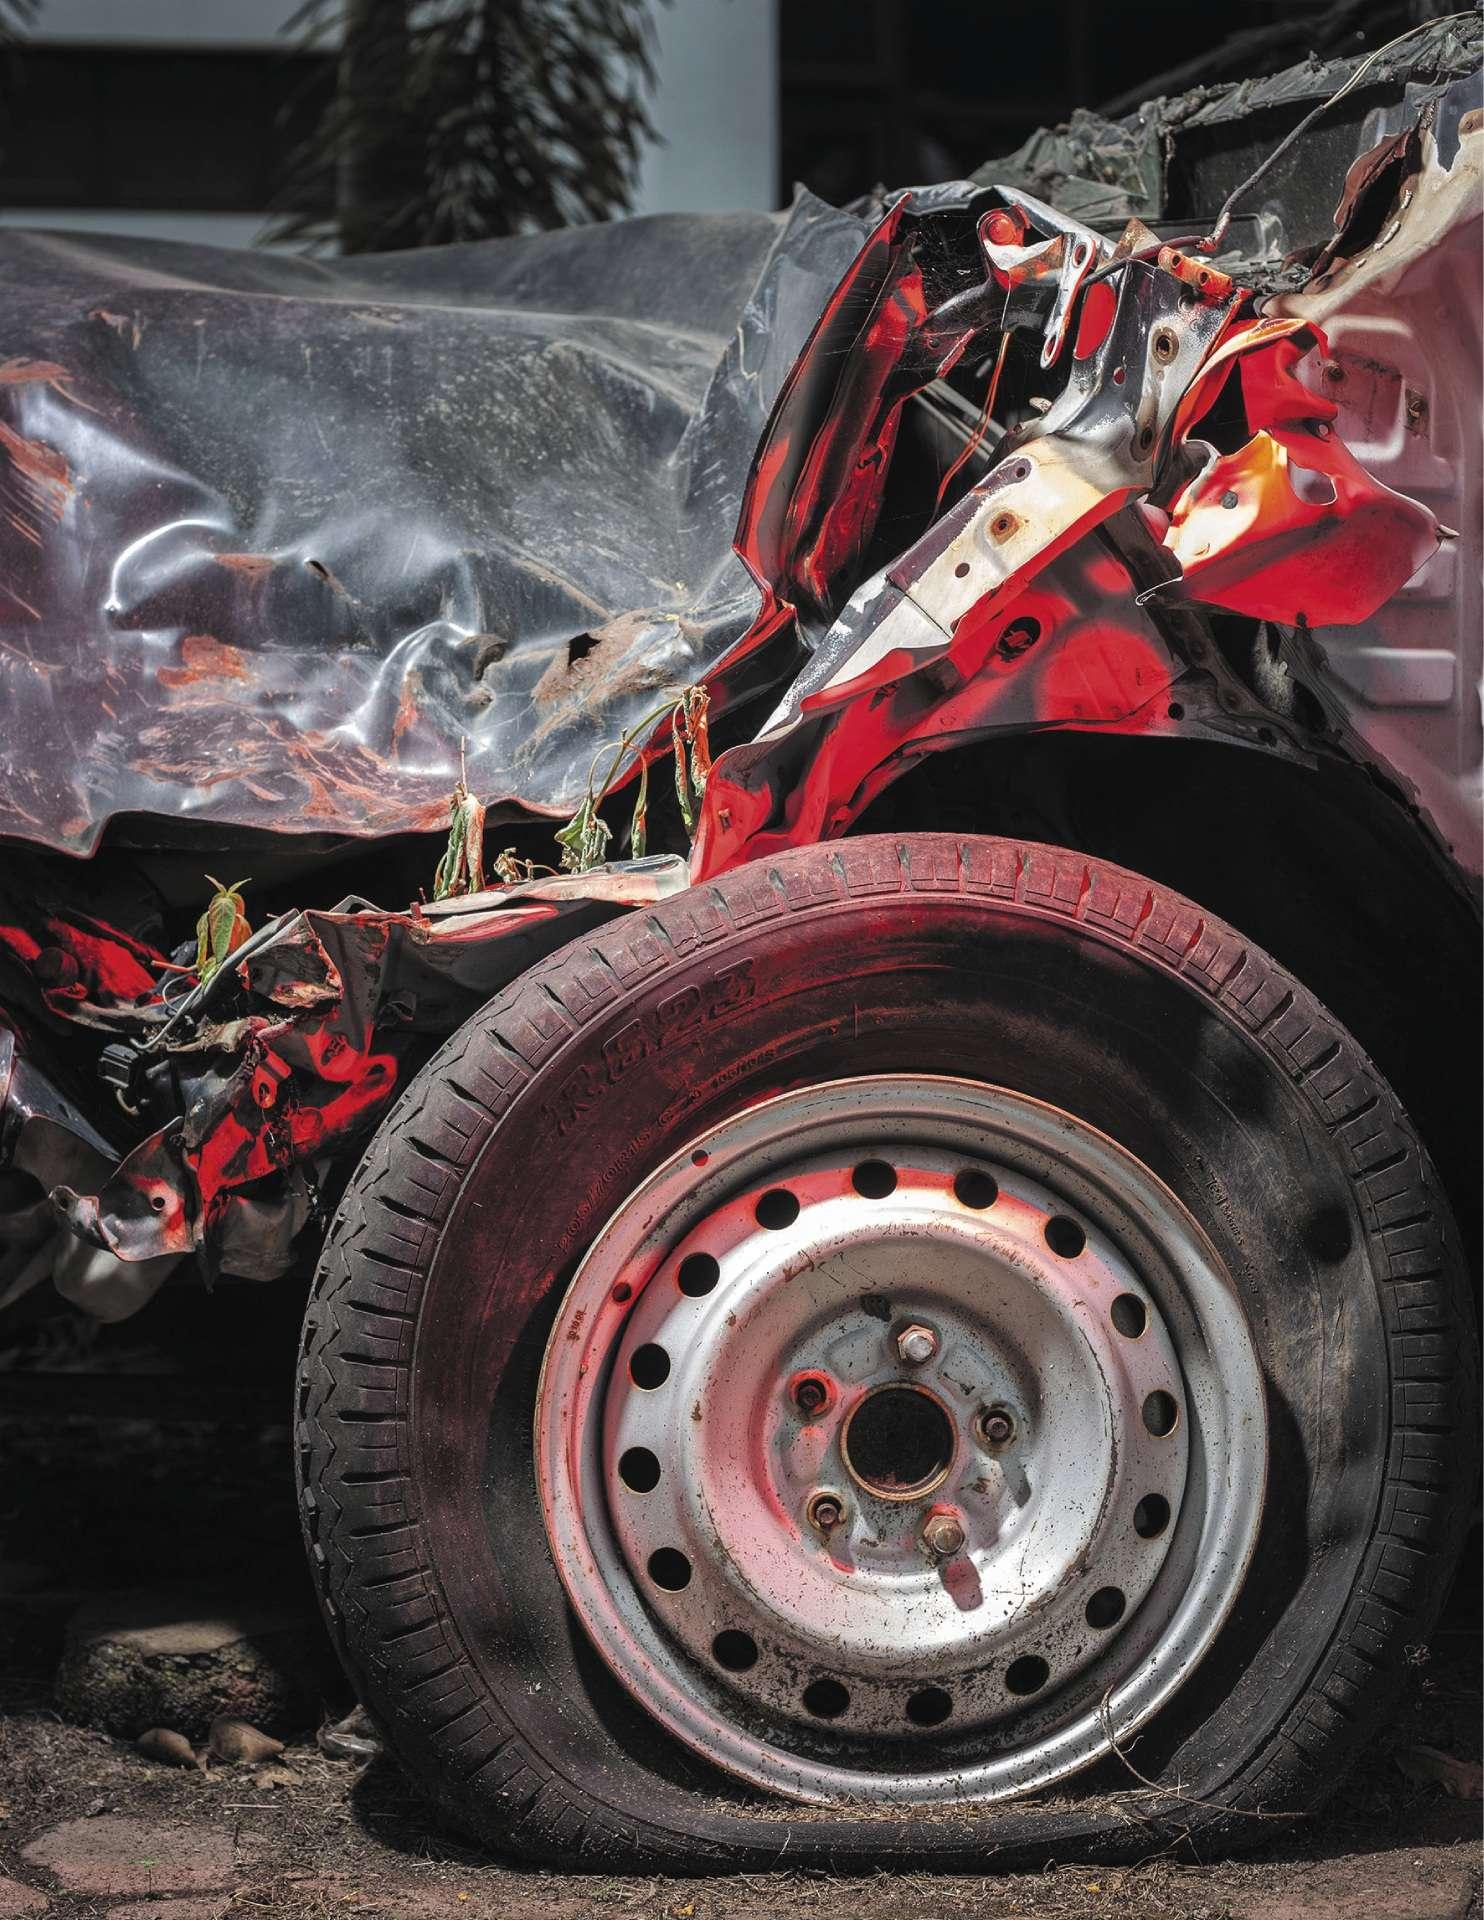 Une voiture détruite par le tremblement de terre de 2009 à Padang, dans l'ouest de l'île de Sumatra.